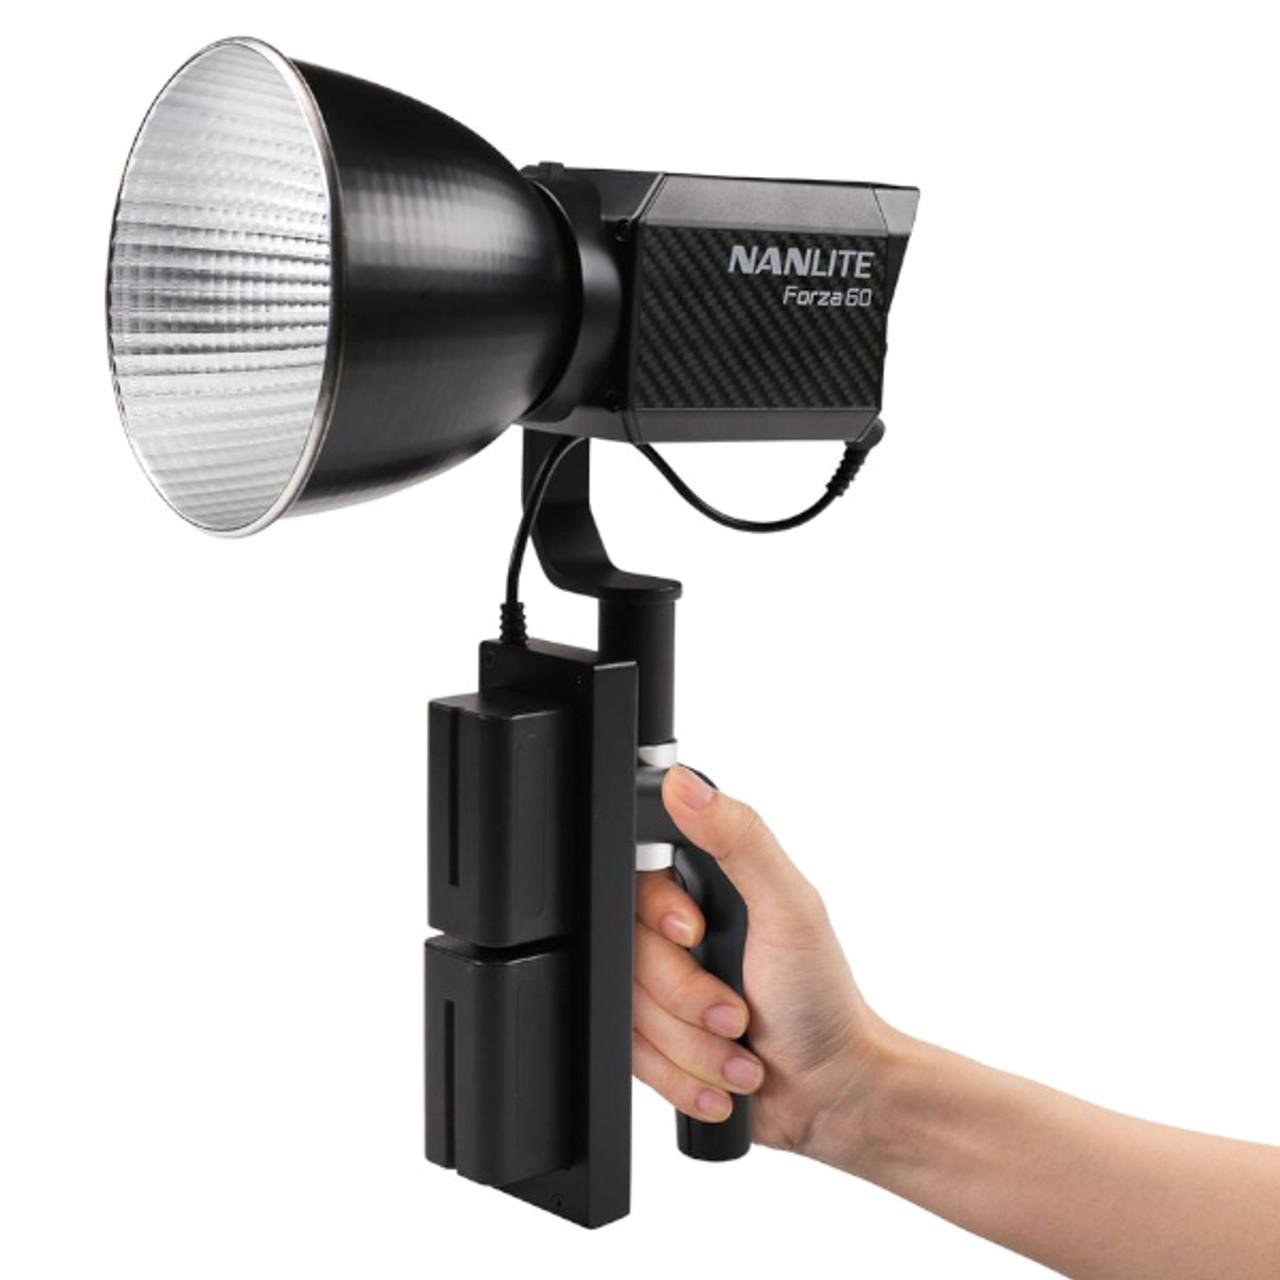 Nanlite Forza 60 Battery Grip